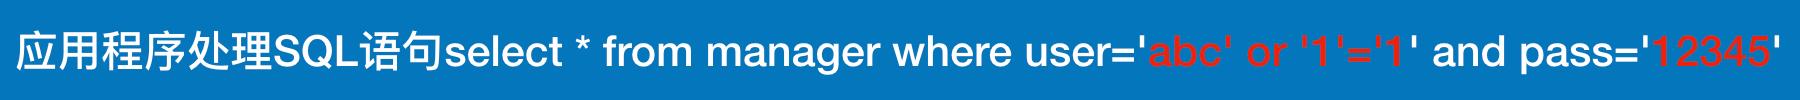 应用程序处理SQL语句select * from manager where user='abc' or '1'='1' and pass='12345'